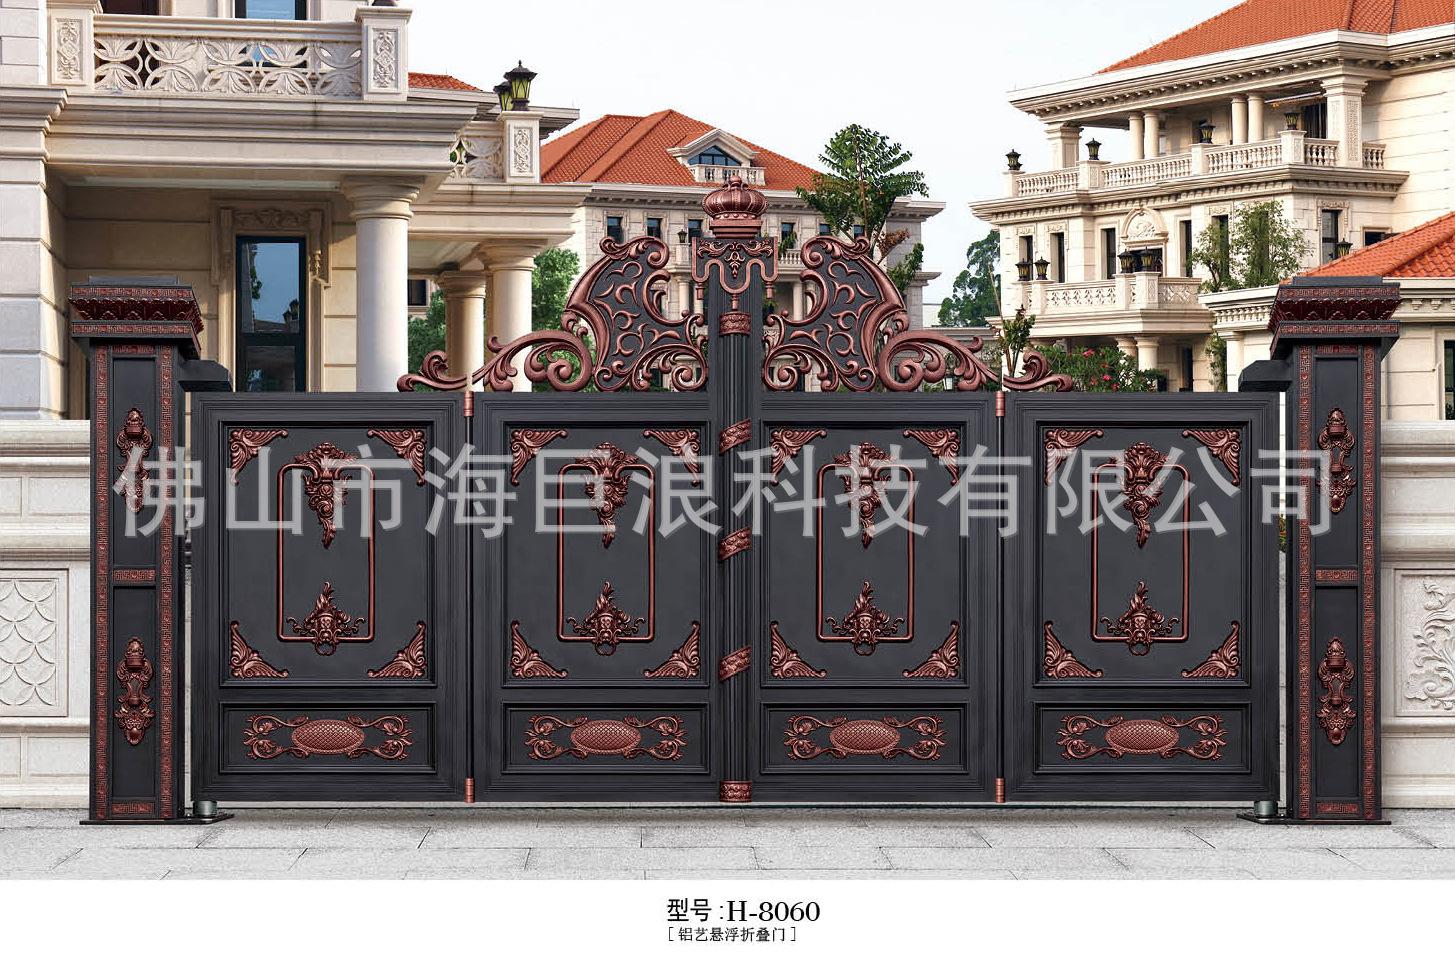 鋁藝懸浮折疊門H-8060.jpg